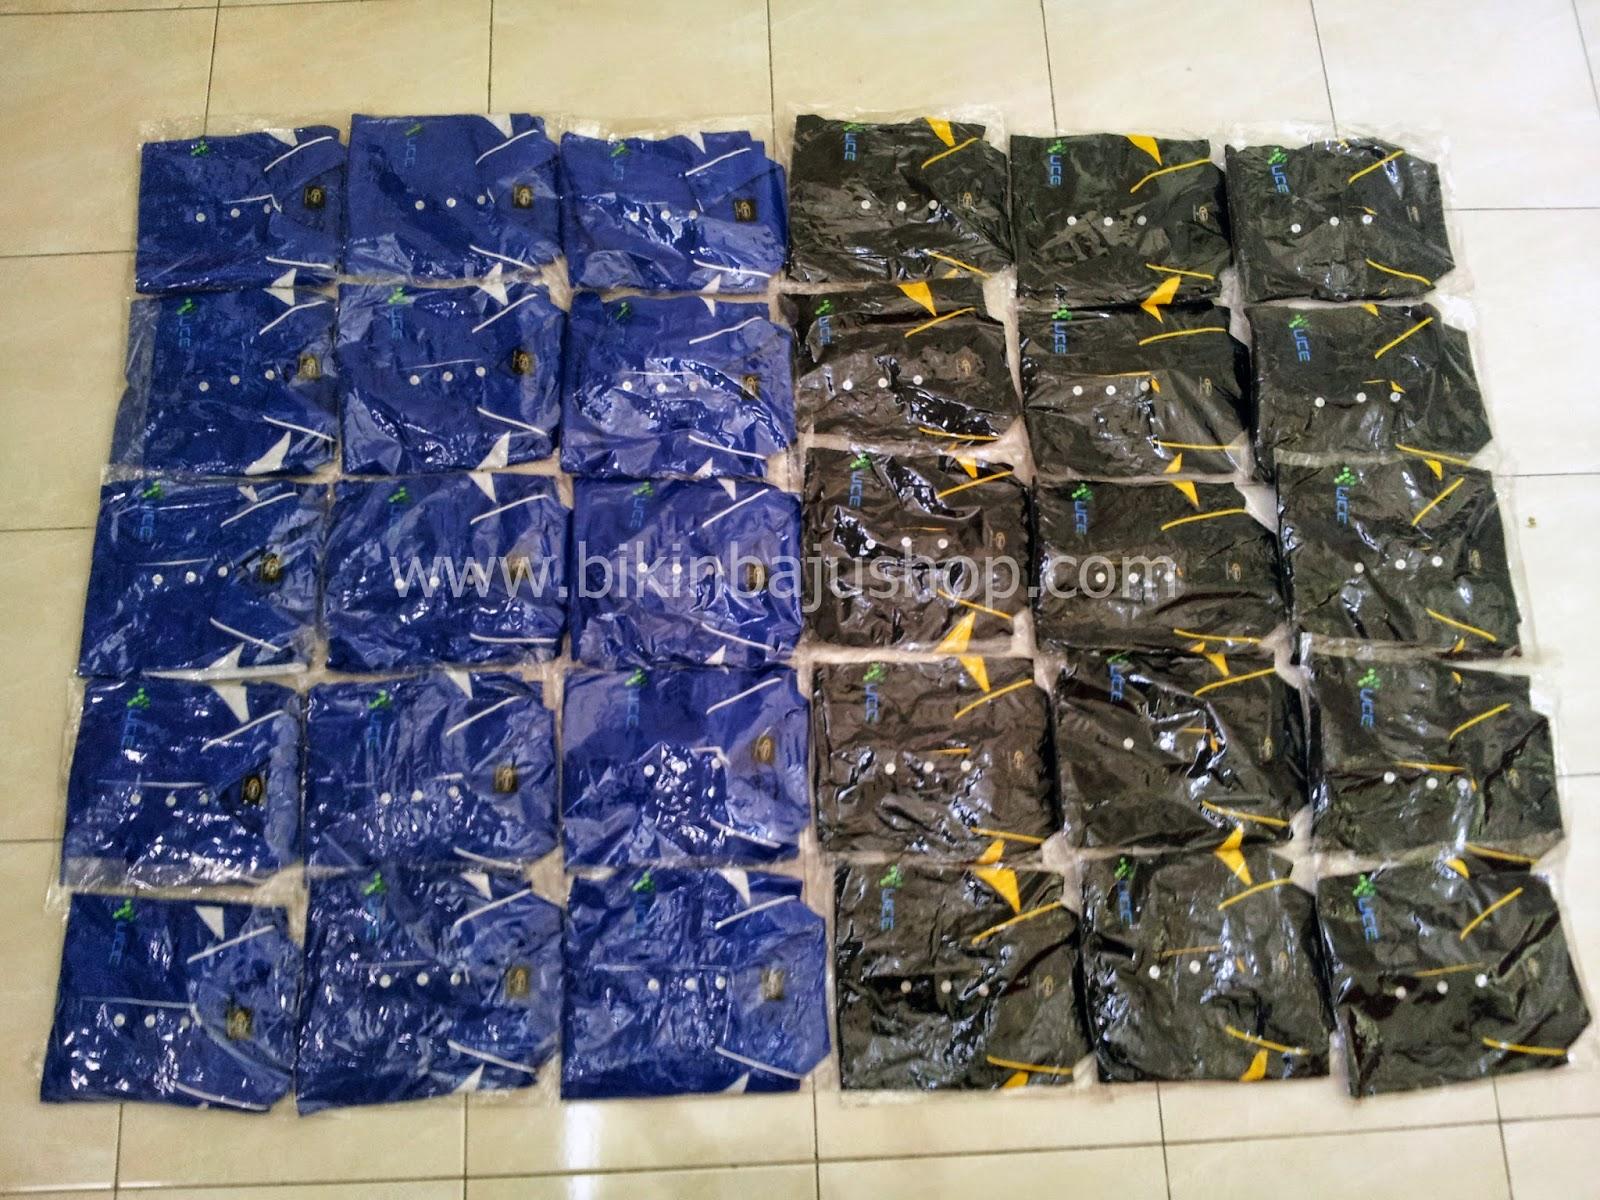 Portfolio:FTK Solution Sdn Bhd, Brunei Darussalam